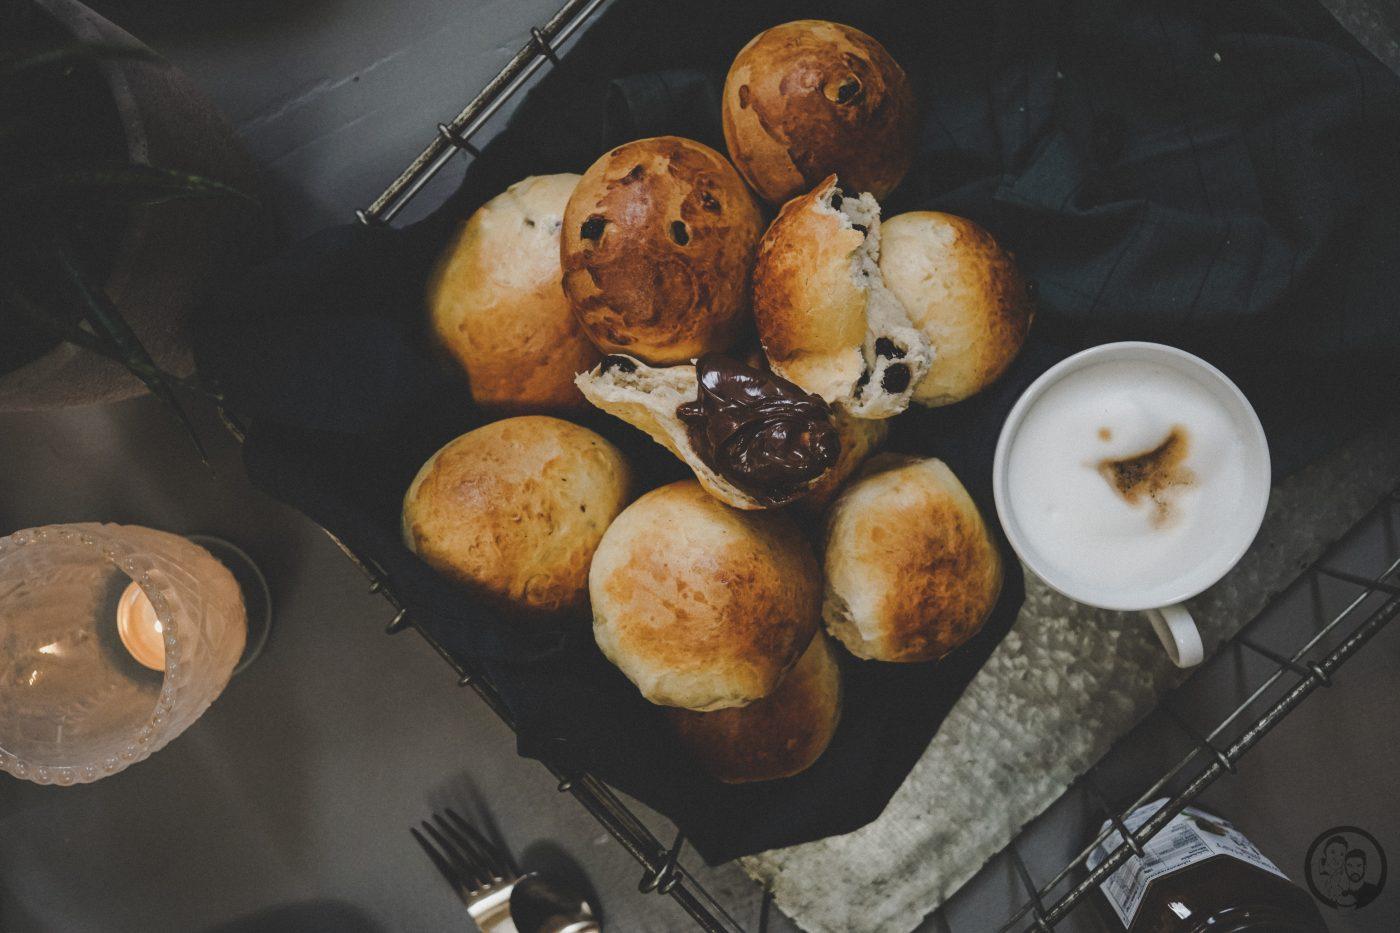 Milchbrötchen mit Rosinen mW 9 | Eine leckere Sache haben wir noch für euch, die wir auch bei unserem Bloggertreffen in der schönen Kirchein Bernkastel-Kues im Stadtteil Wehlen, zubereitet haben. Es wurde schön gebruncht wie es sich für einen Sonntagmorgen gehört.Und da Sascha immer etwas Süßes als Abschluss eines ausgedehnten Frühstücks braucht, habe ich für uns alle Milchbrötchen gebacken.